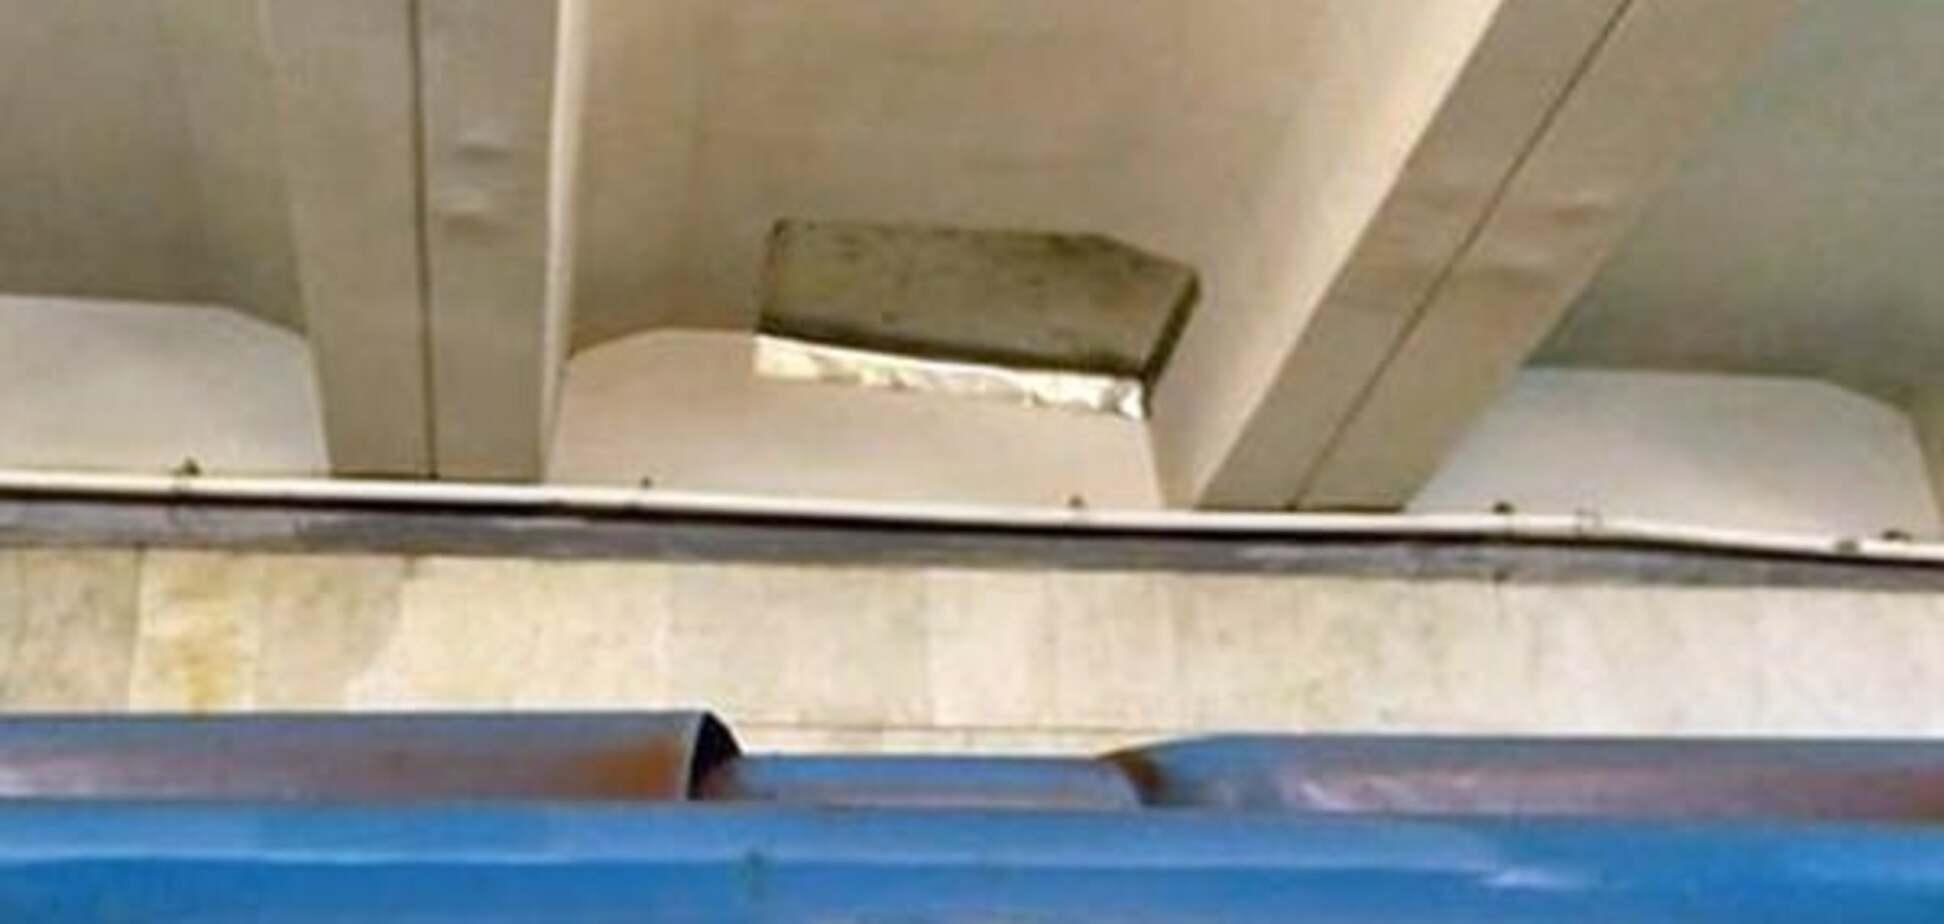 У Києві через будівництво над метро пошкоджено стелю станції - ЗМІ